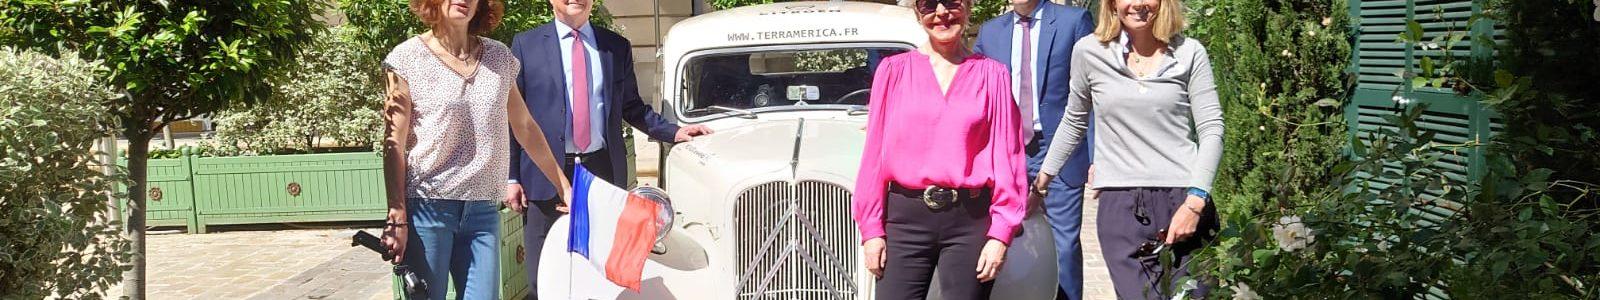 Geneviève des Rivières - Fanny Adam - Jacques-Henri Citroën - Aubin Gonzalez Lapos à France-Amériques